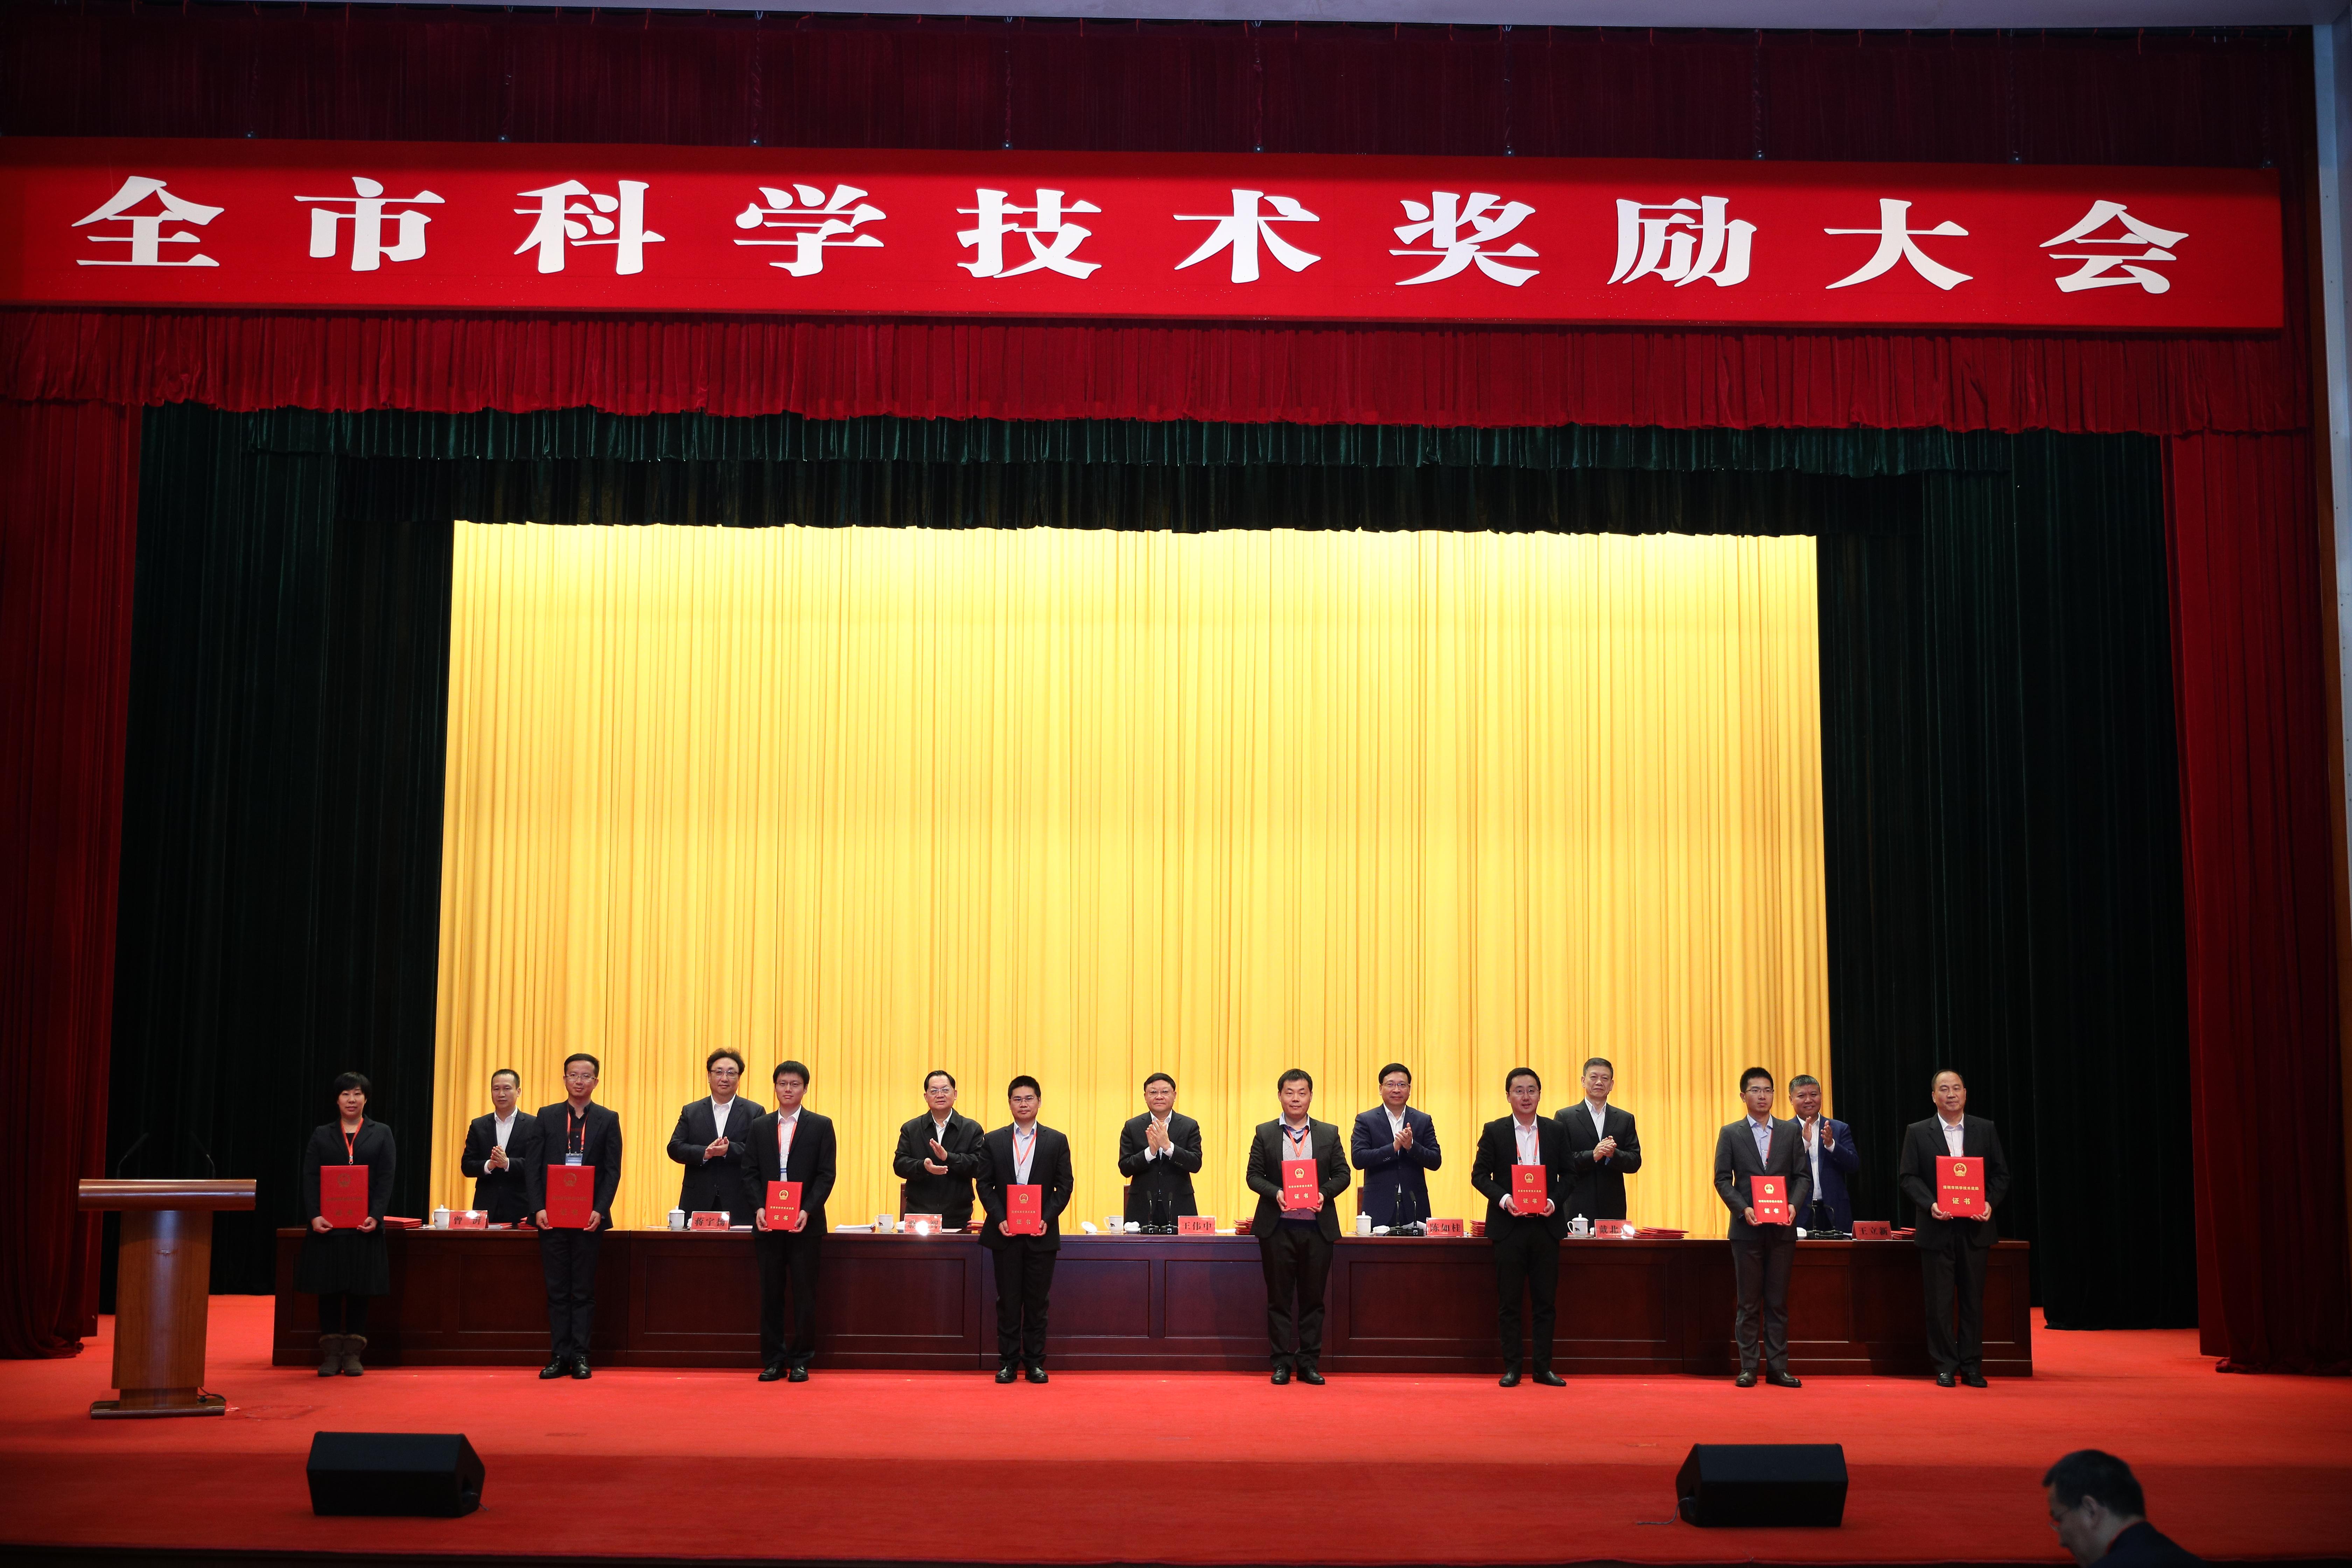 【快讯】我院荣获2018、2019年度深圳市科学技术奖4项奖励